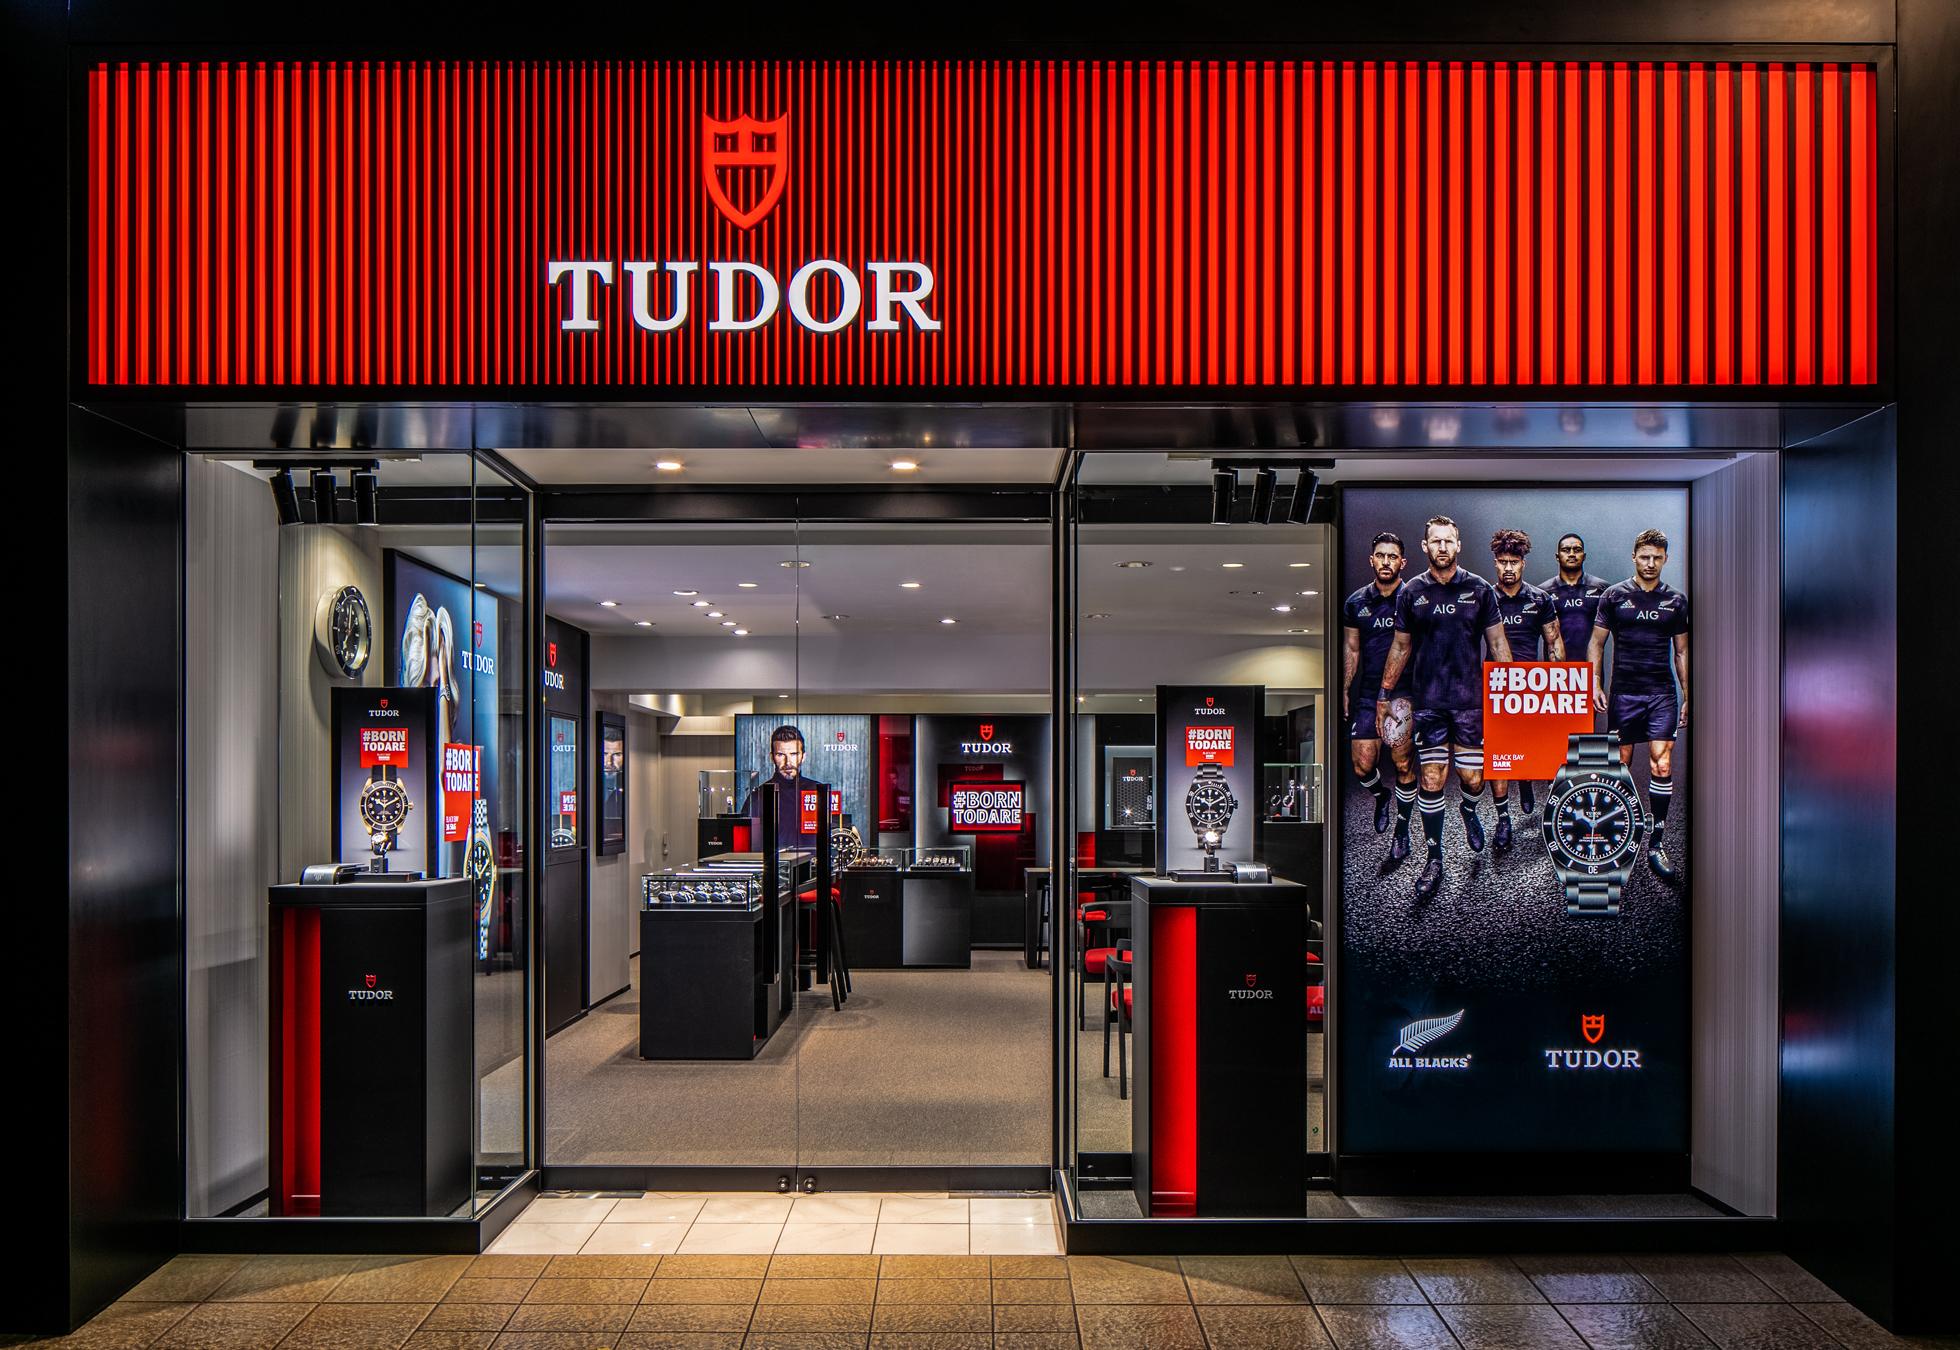 Tudor store Japan LR